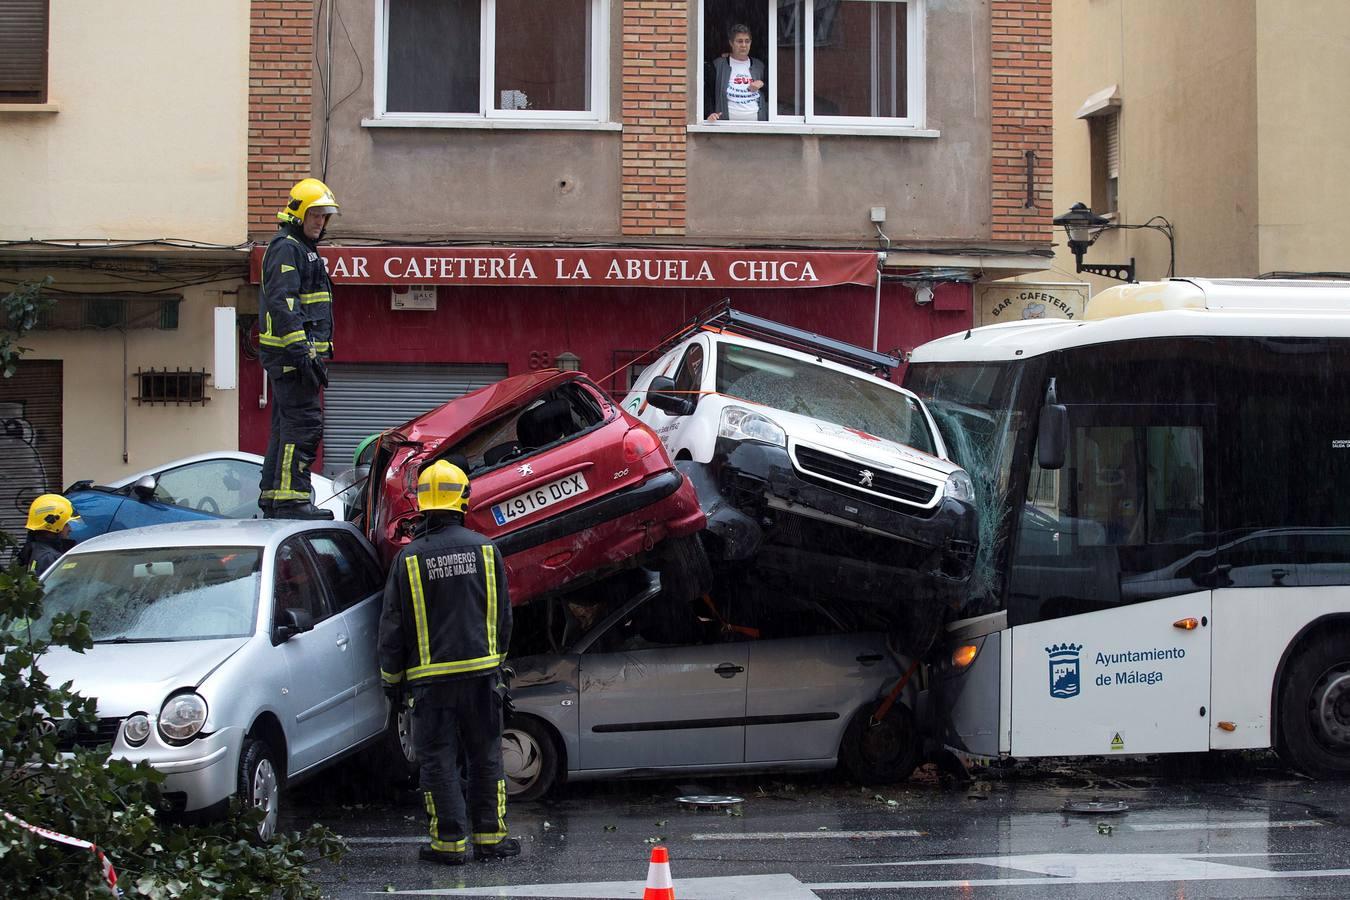 Un autobús arrolla 13 vehículos en Málaga al sufrir un infarto el conductor y causa 15 heridos